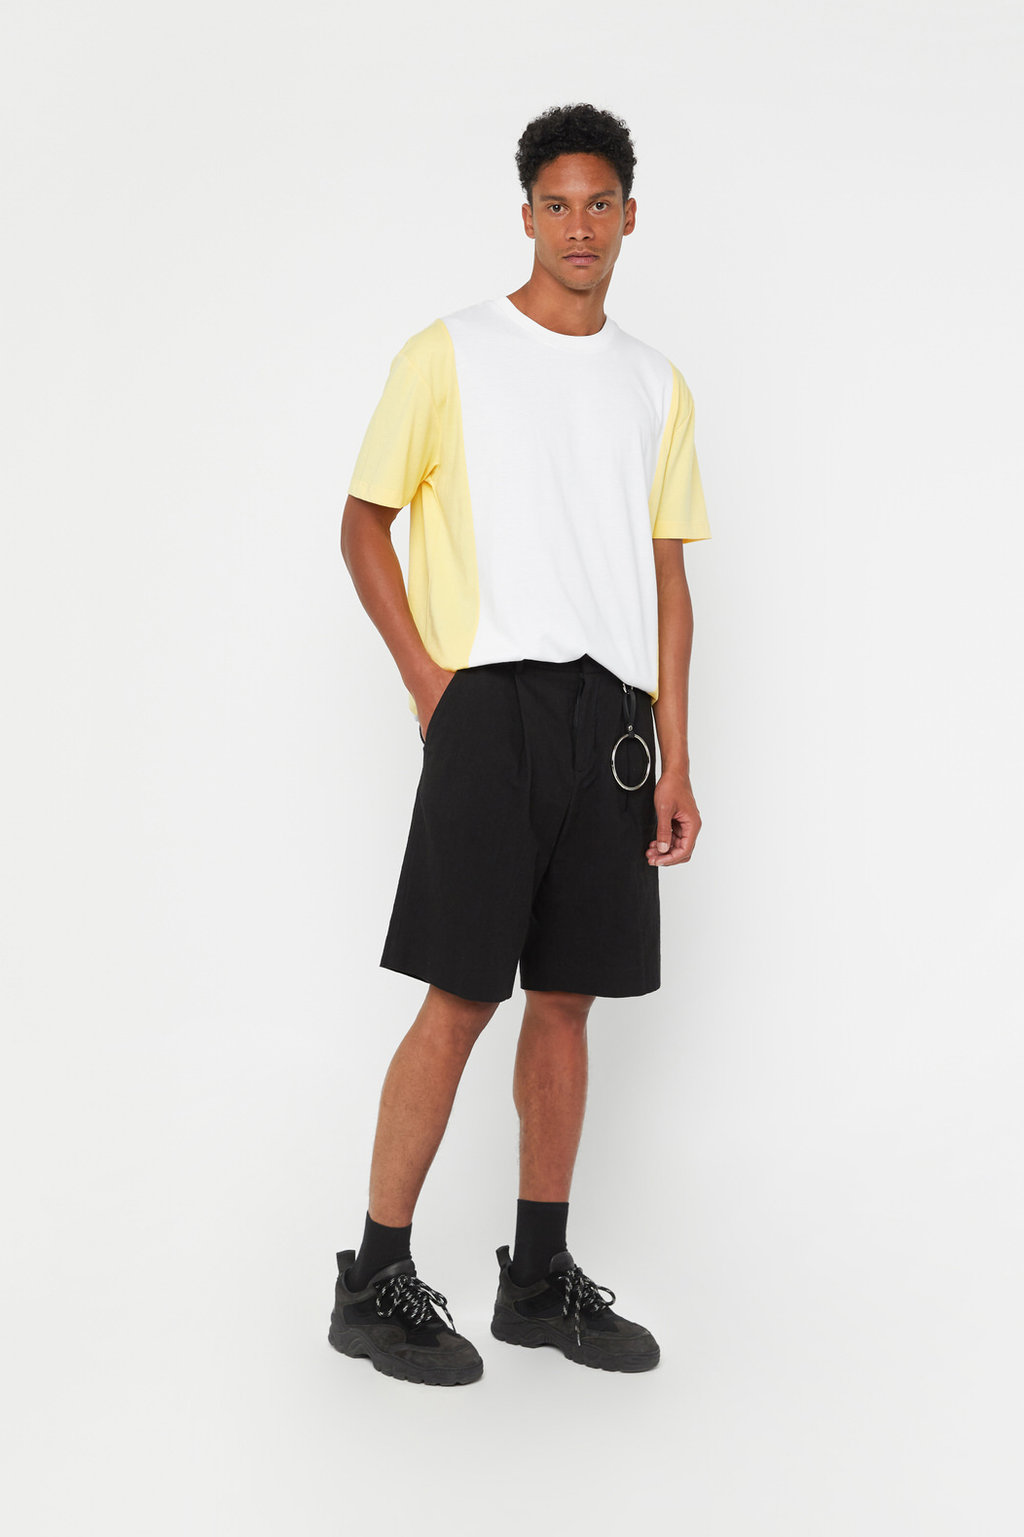 TShirt 3660 Yellow 8